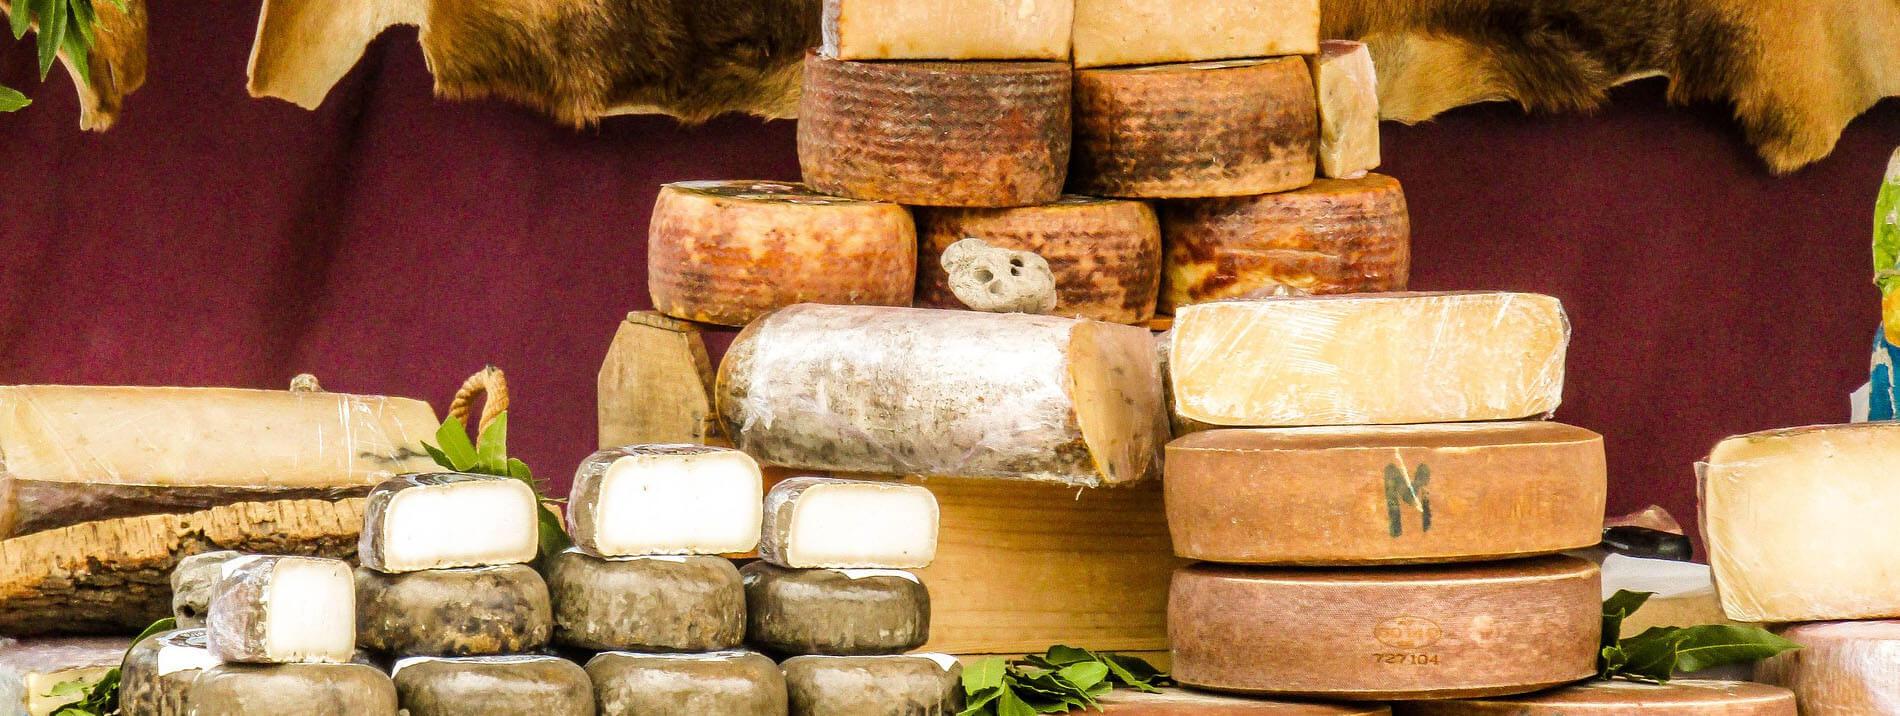 comprar quesos gourmet europeos y nacionales en gijón